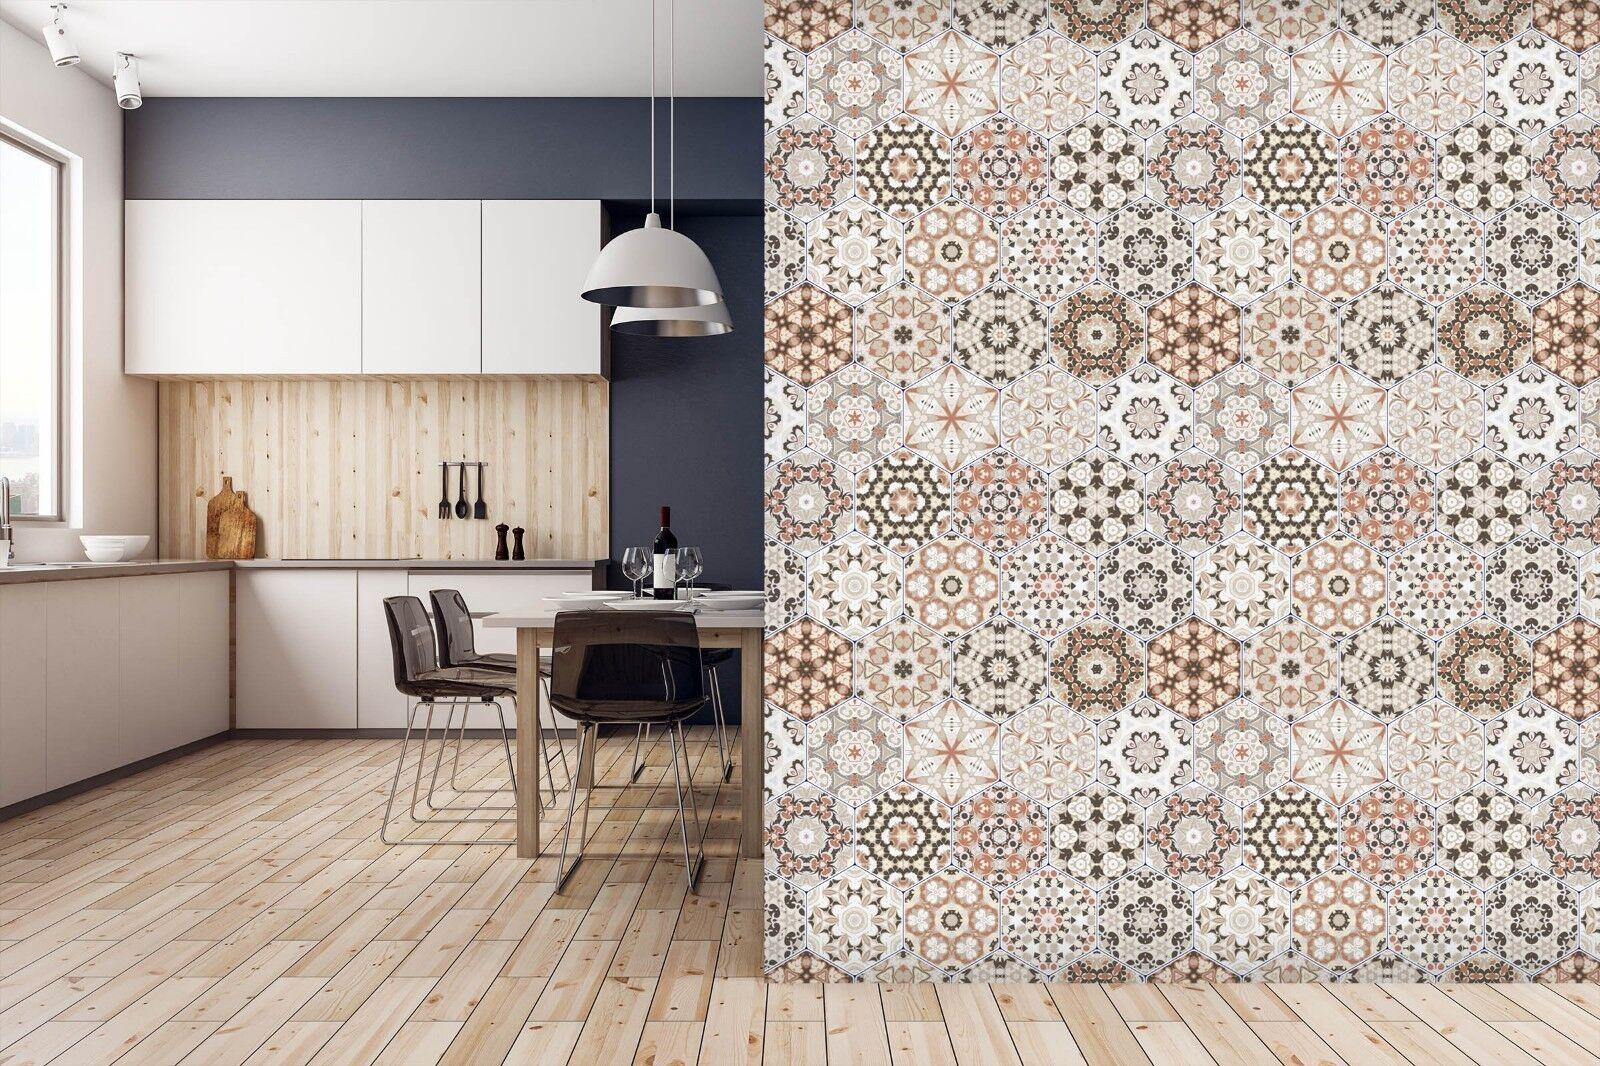 3D Rote Kante Blaume 615 Textur Fliesen Marmor Tapeten Tapete Wandbild AJ